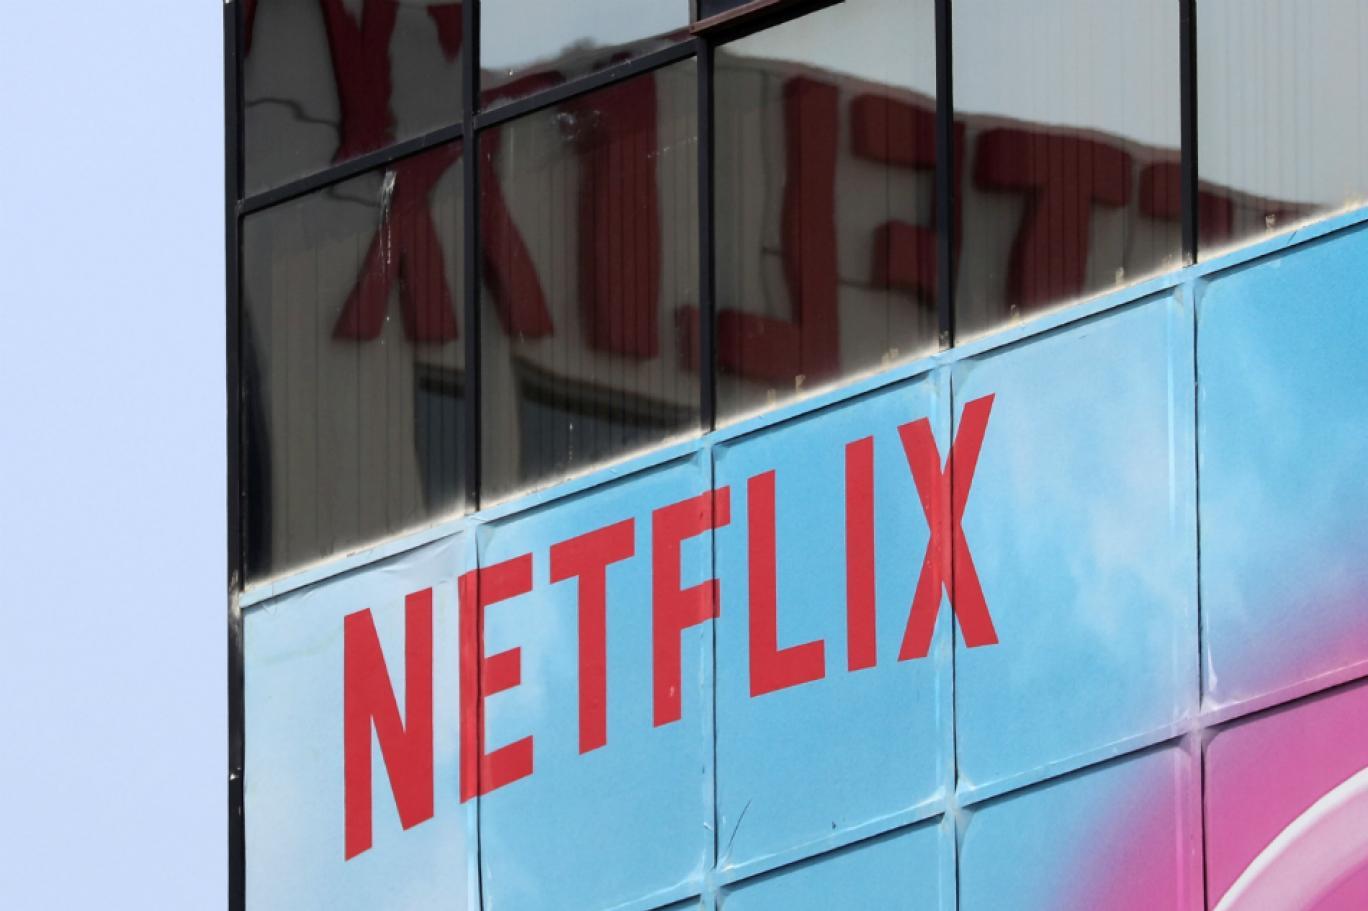 Netflix, son 5 yılda içeriklerine müdahale eden 5 devleti açıkladı